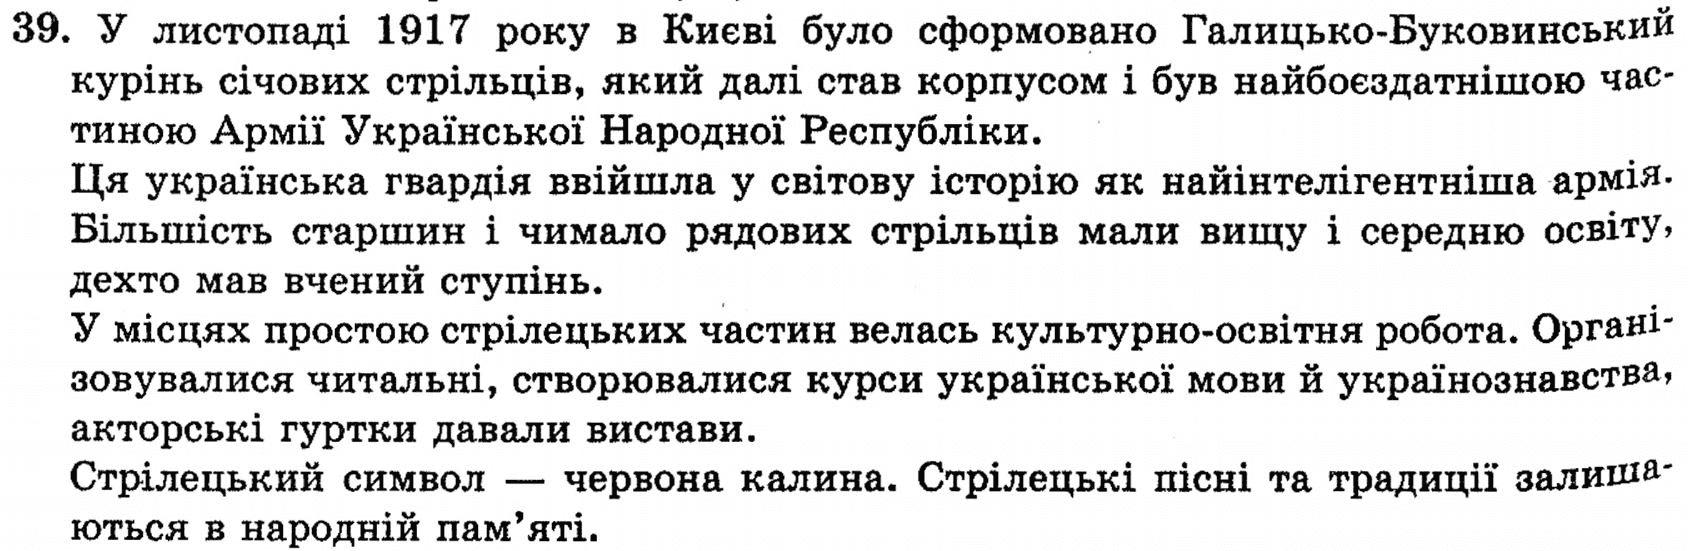 Клас мова глазова 10 гдз украинская